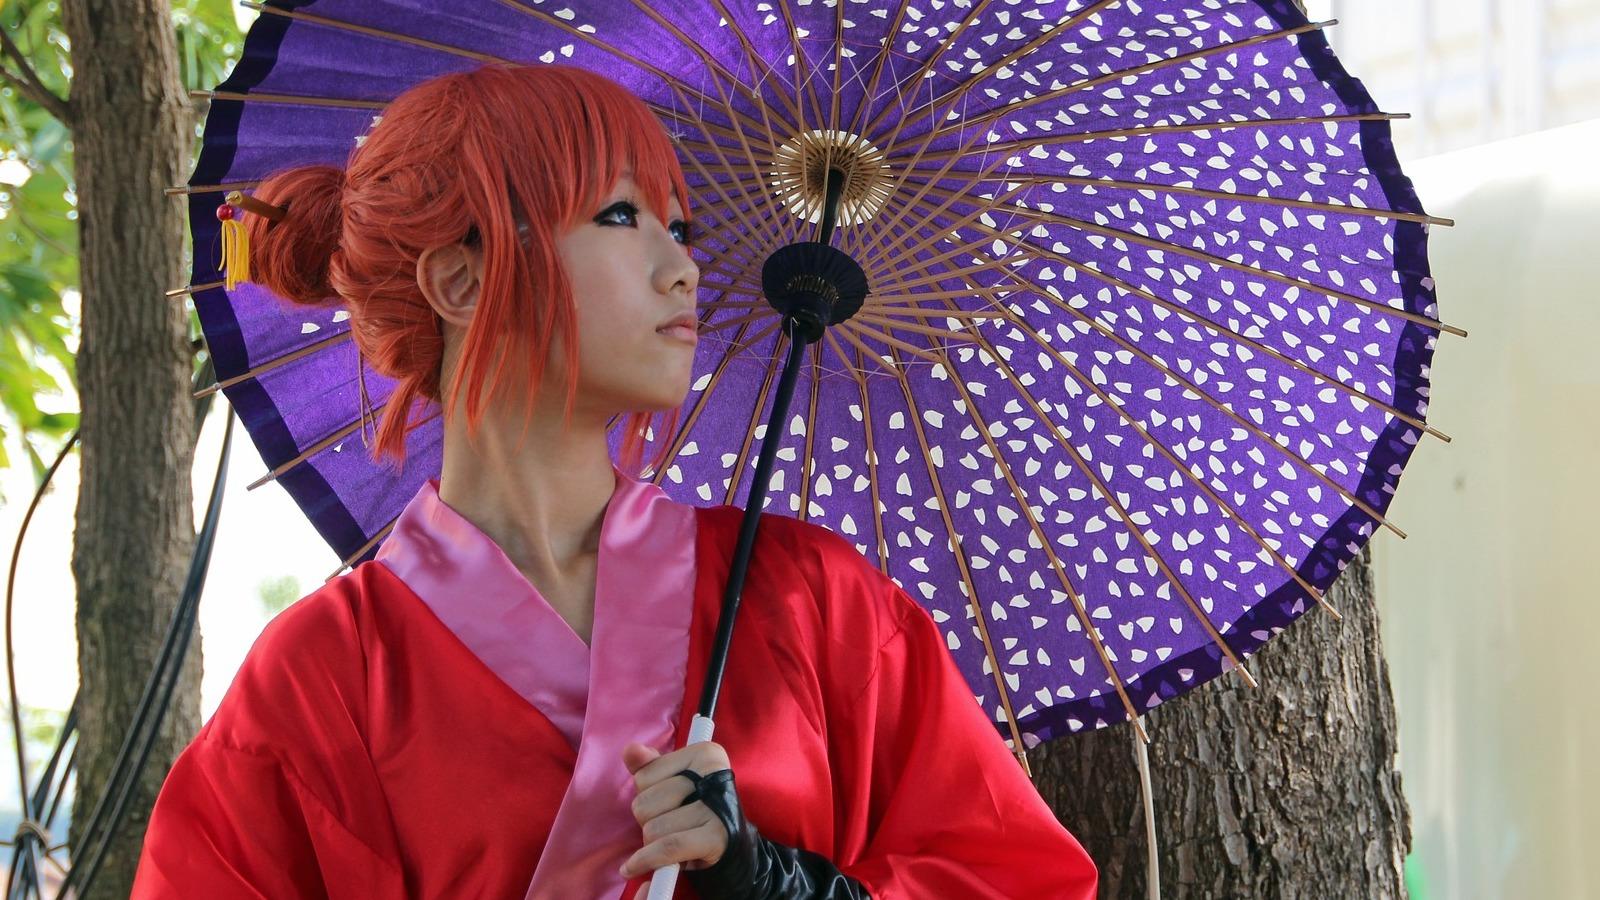 via Pixabay: Asiatin im Kimono mit japanisch traditionellem Schirm zur ComicCon & dem Japantag in Düsseldorf 2012.